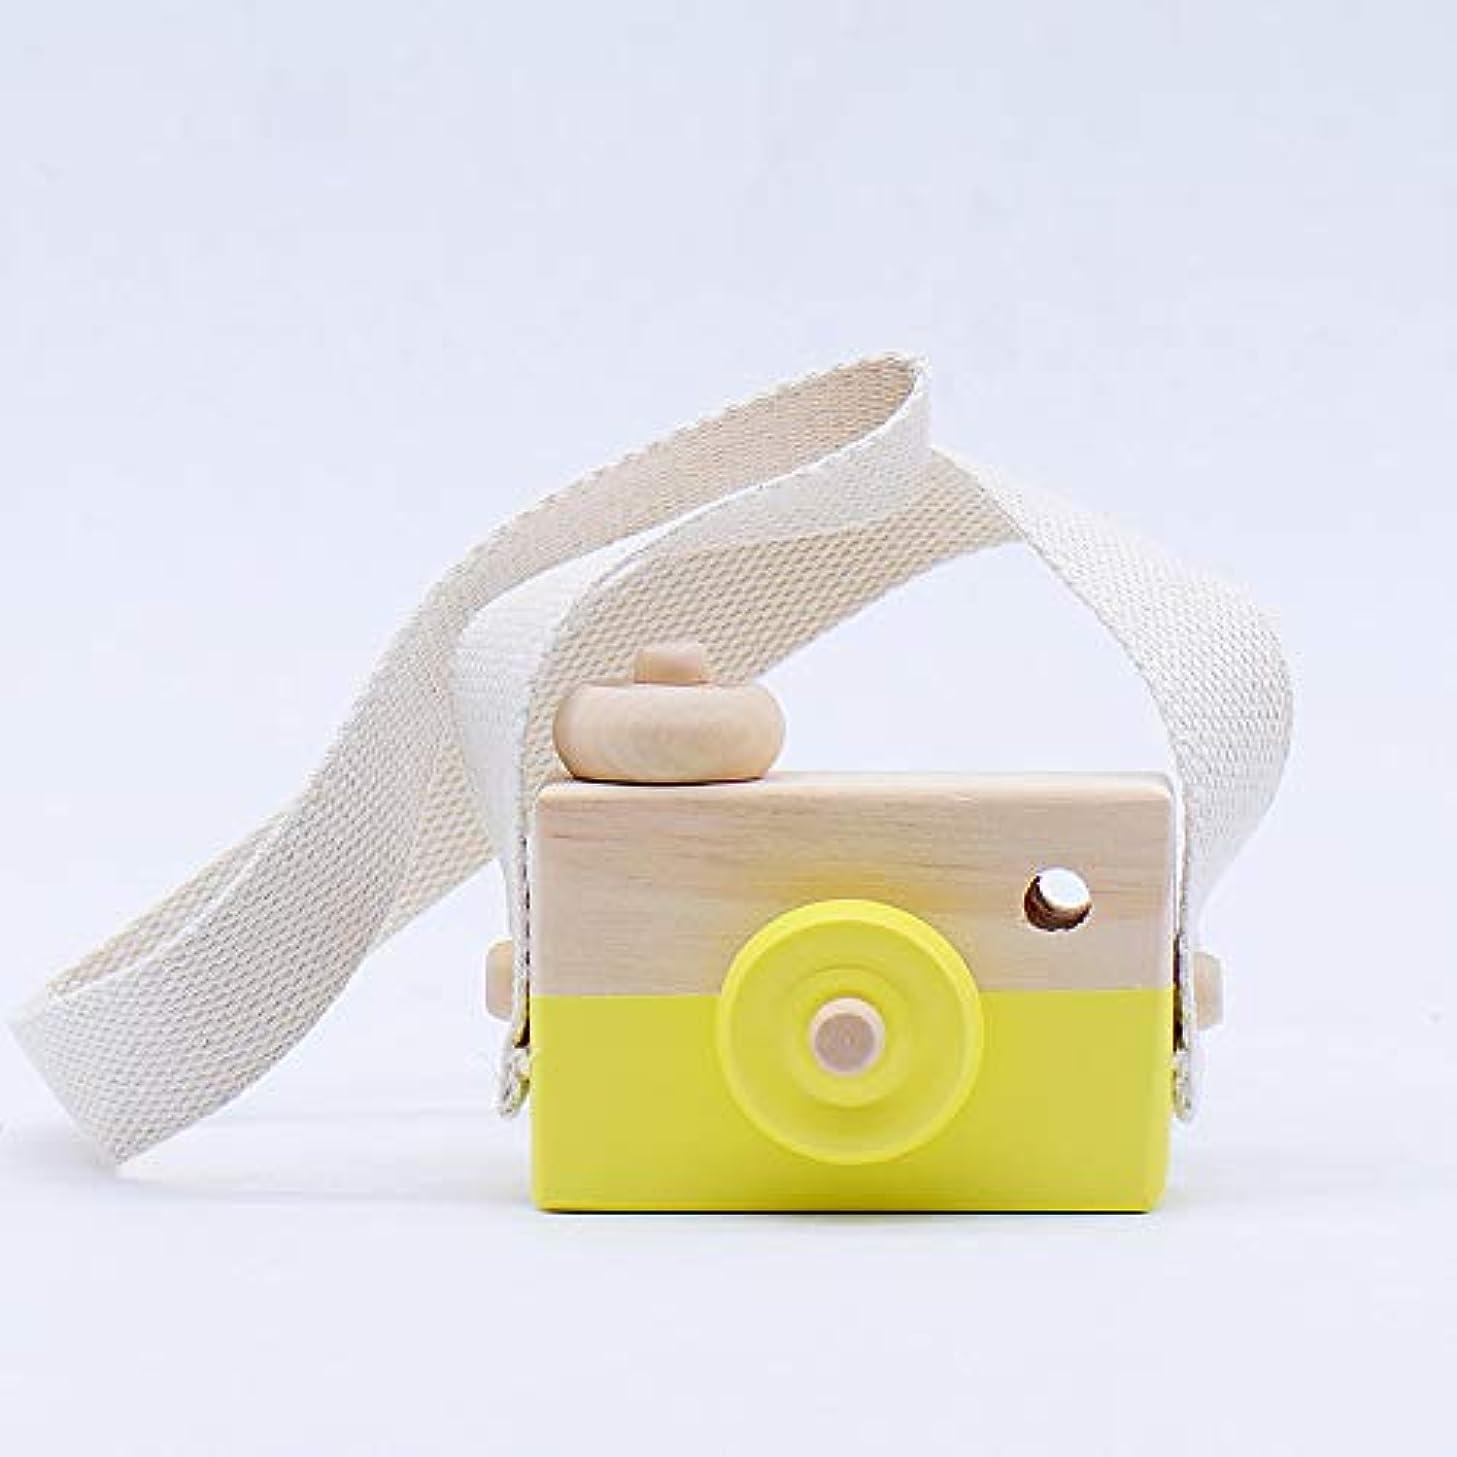 感度悪因子良さミニかわいい木製カメラのおもちゃ安全なナチュラル玩具ベビーキッズファッション服アクセサリー玩具誕生日クリスマスホリデーギフト (黄)